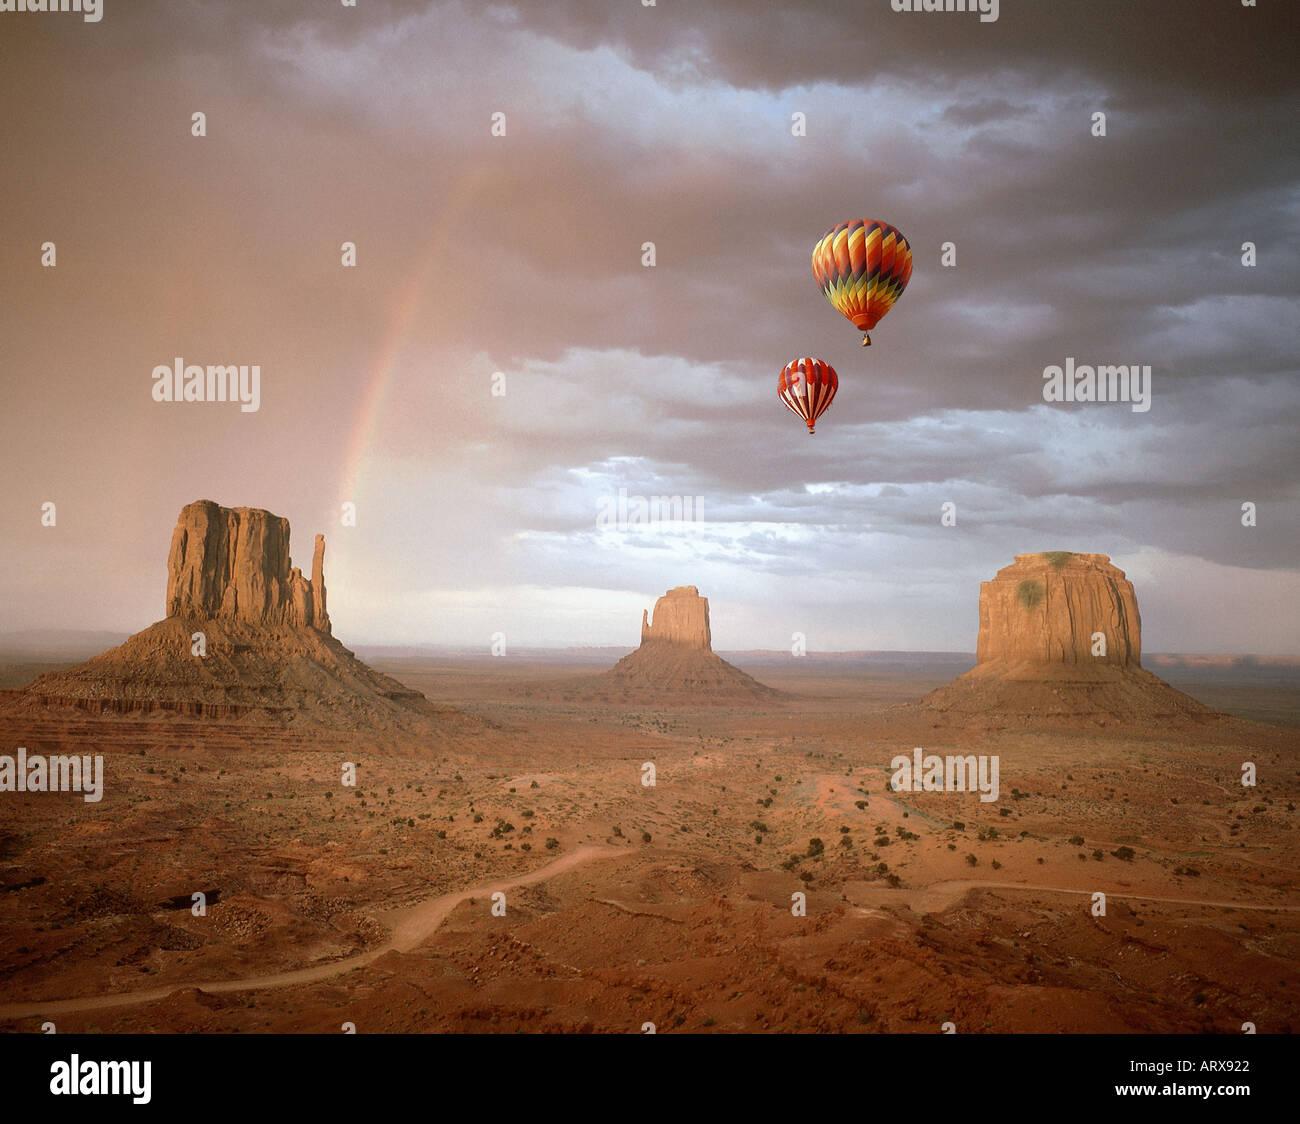 USA - ARIZONA: Monument Valley Navajo Tribal Park Photo Stock